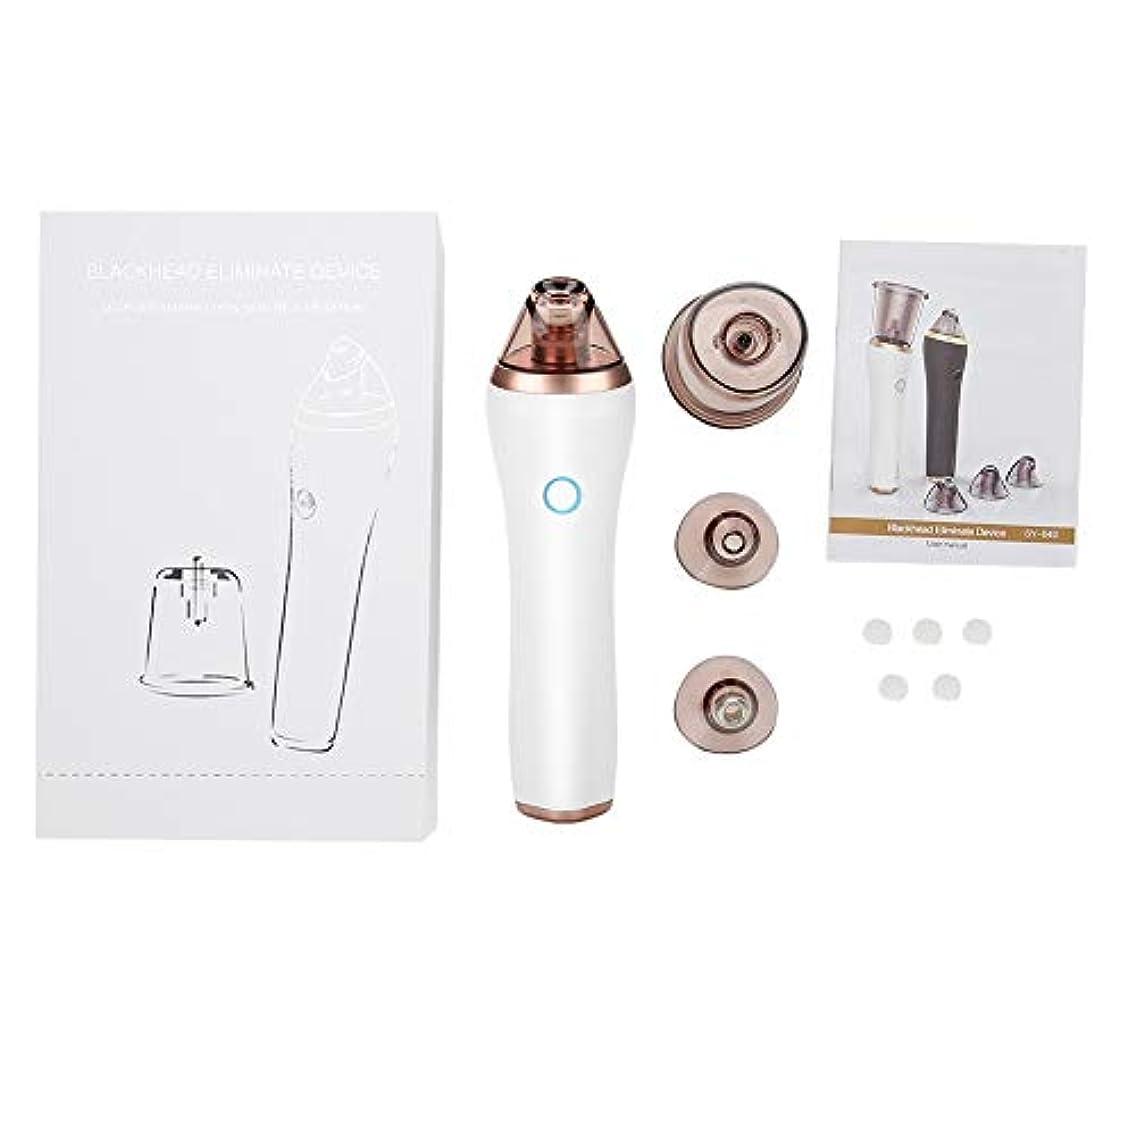 USBにきび掃除機 - にきび防止フェイシャルクレンザー、ポータブル美容機器サクション - 電気にきびからクリーニングデバイスを取り除く、にきびを取り除く